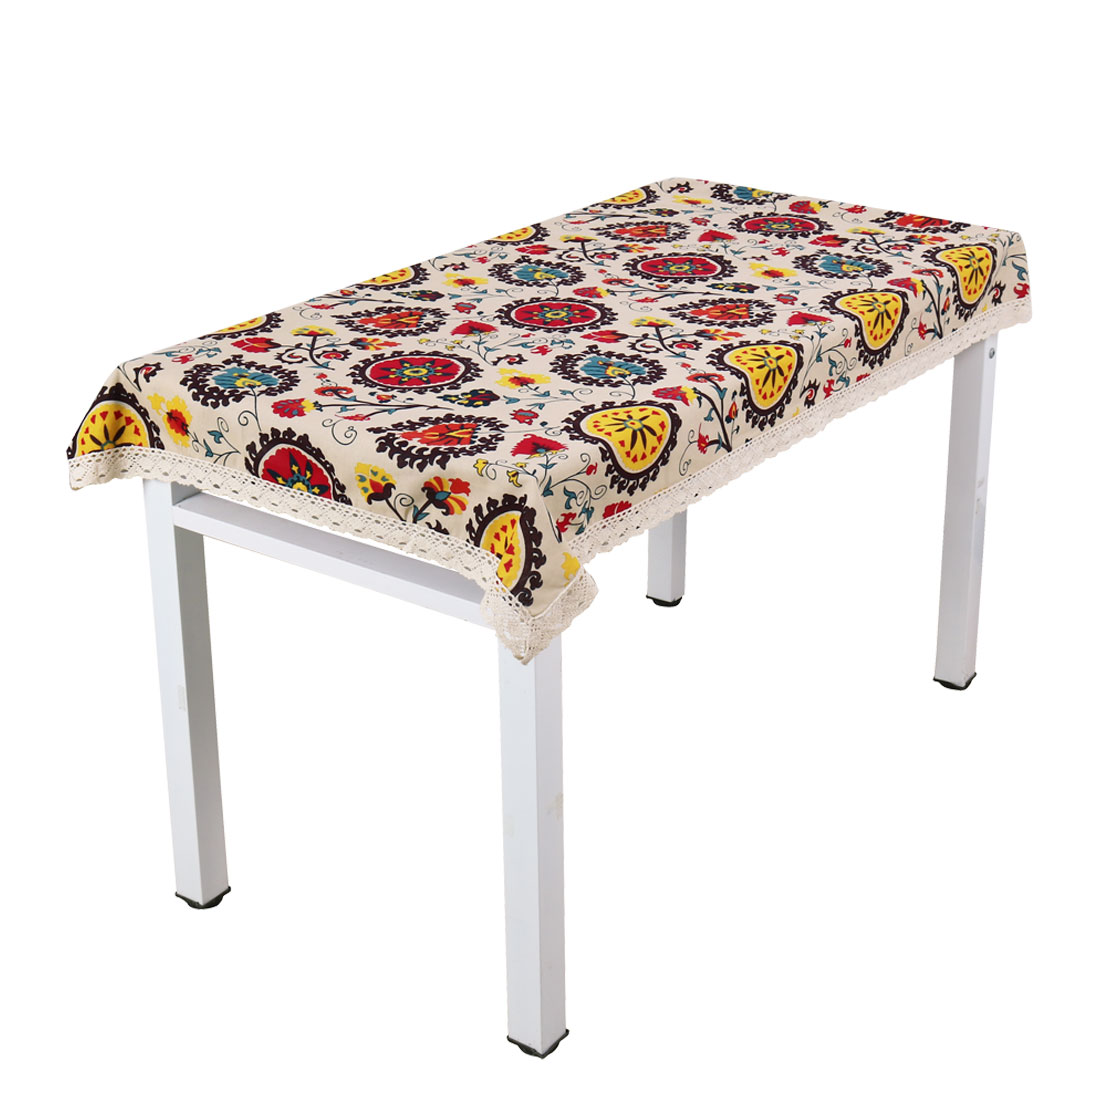 Vintage Lace Sun Flower Tablecloth Cotton Linen Washable Table Cover 140 x 140cm